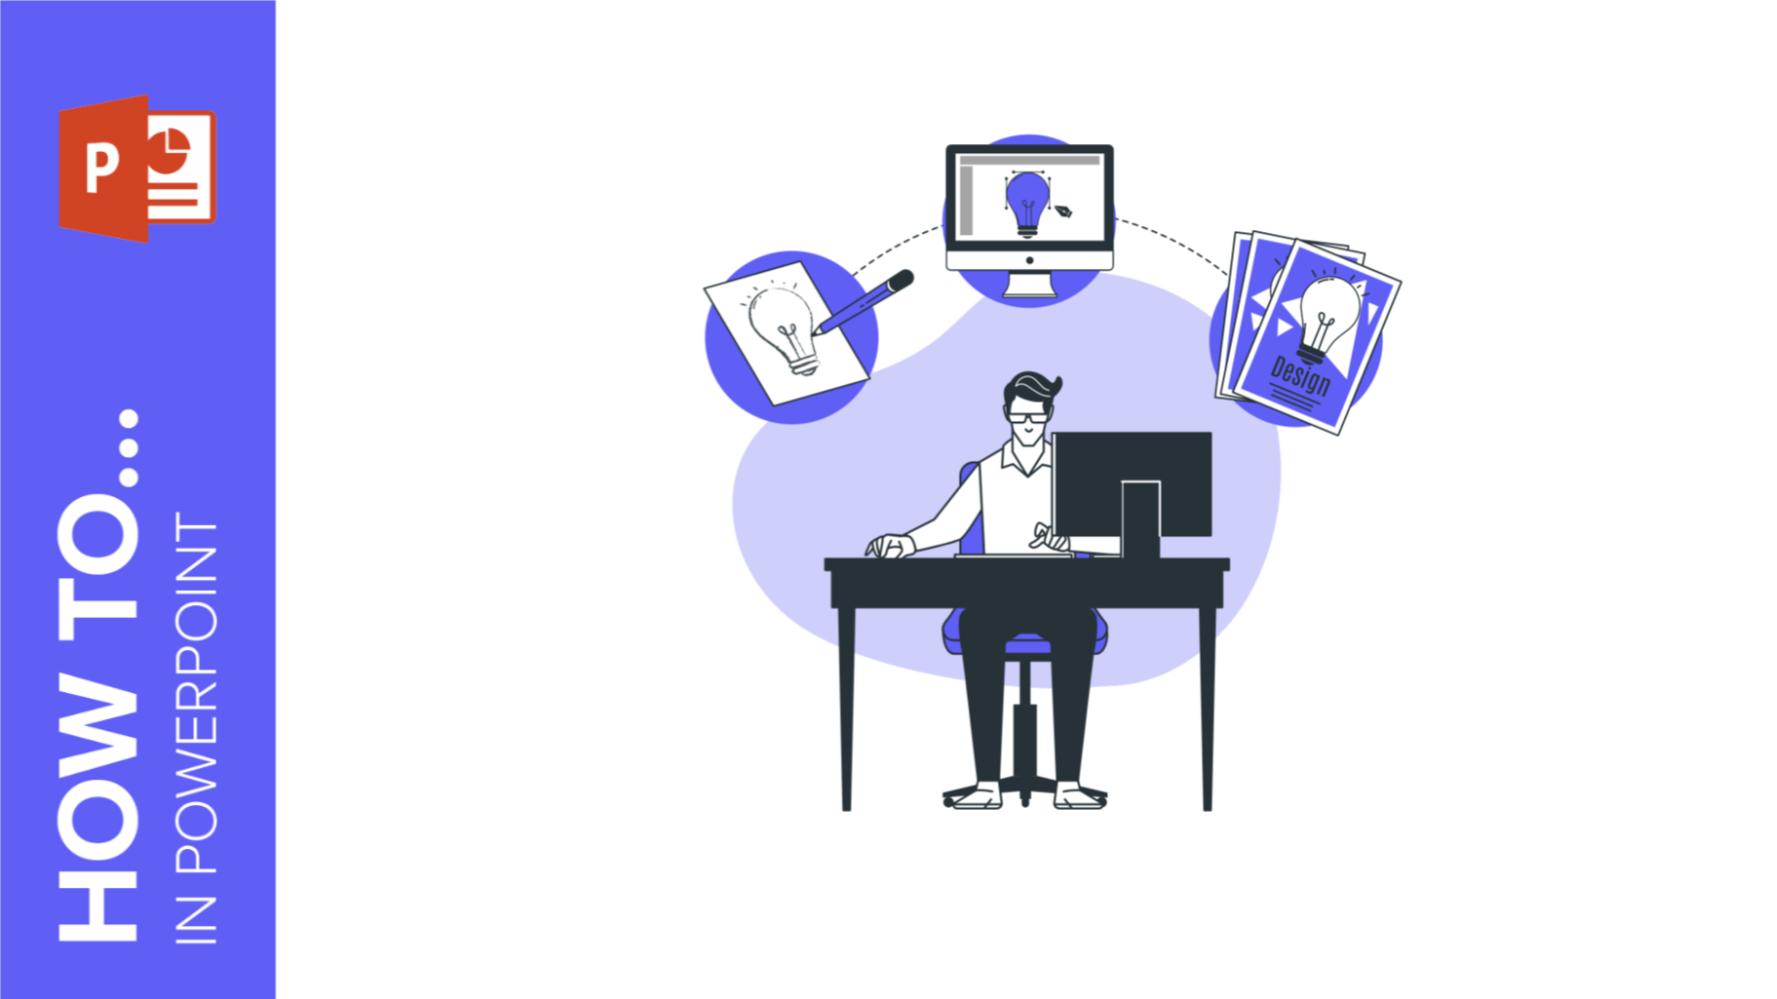 How to create a flyer in Powerpoint | Tutoriels et conseils pour vos présentations